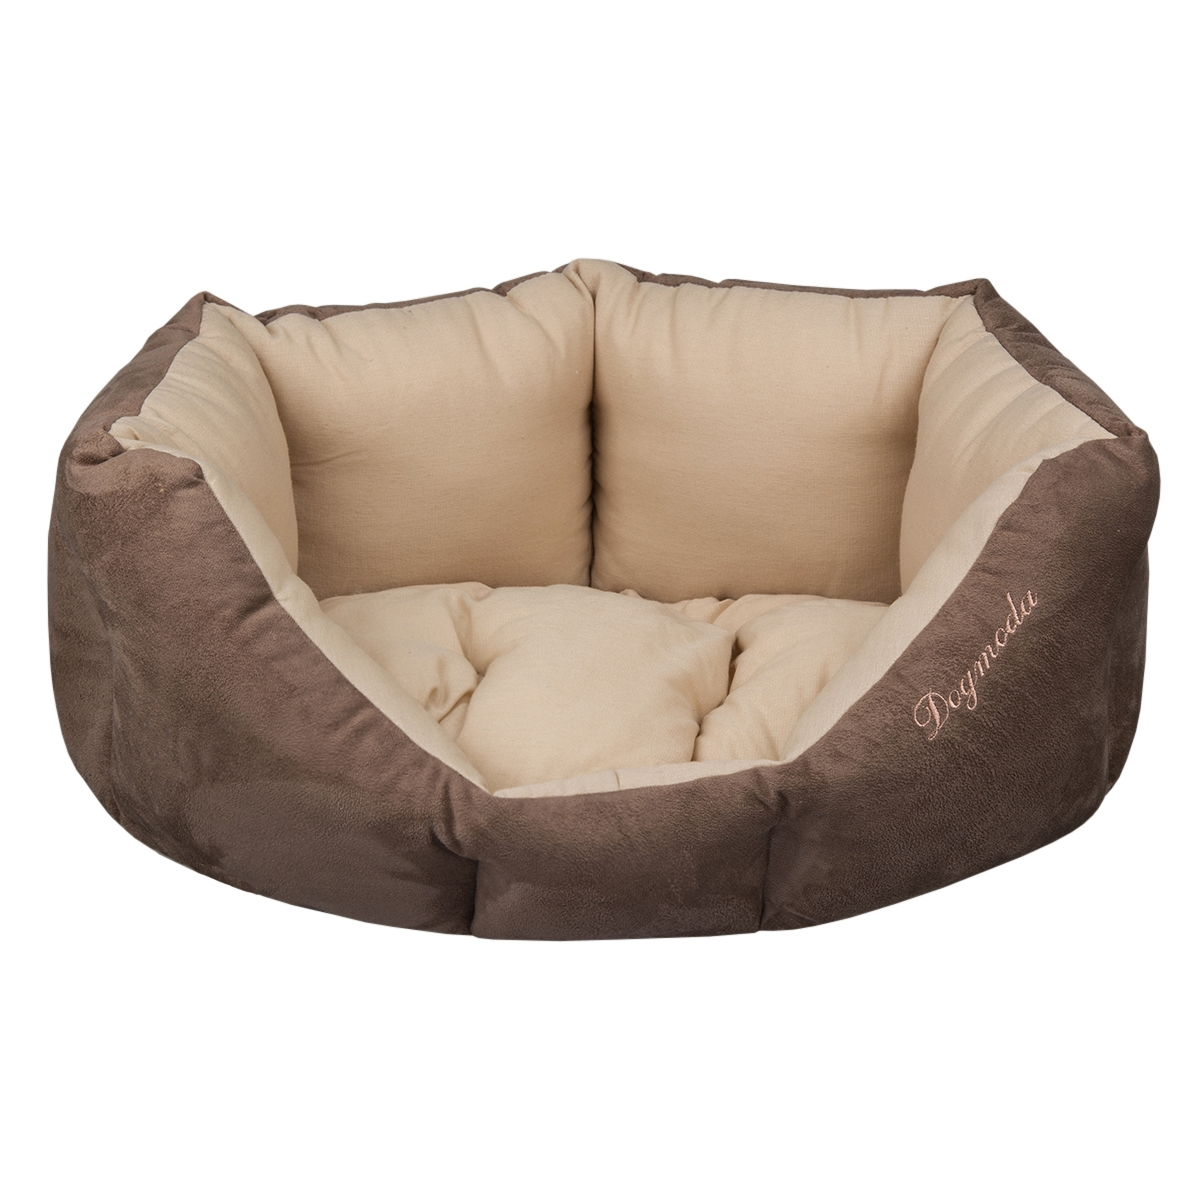 Лежак для животных Dogmoda Капучино, 44 х 52 х 22 см0120710Лежак для животных Dogmoda Капучино прекрасно подойдет для отдыха вашего домашнего питомца. Предназначен для кошек и собак мелких и средних пород. Изделие выполнено из искусственной замши и хлопка. Внутри - мягкий наполнитель из холлофайбера, который обеспечивает комфорт и уют. Лежак снабжен съемной подушкой. Комфортный и уютный лежак обязательно понравится вашему питомцу, животное сможет там отдохнуть и выспаться. Высокий уровень комфорта, спокойный благородный цвет и мягкость искусственной замши сделают этот лежак любимым местом отдыха вашего питомца.